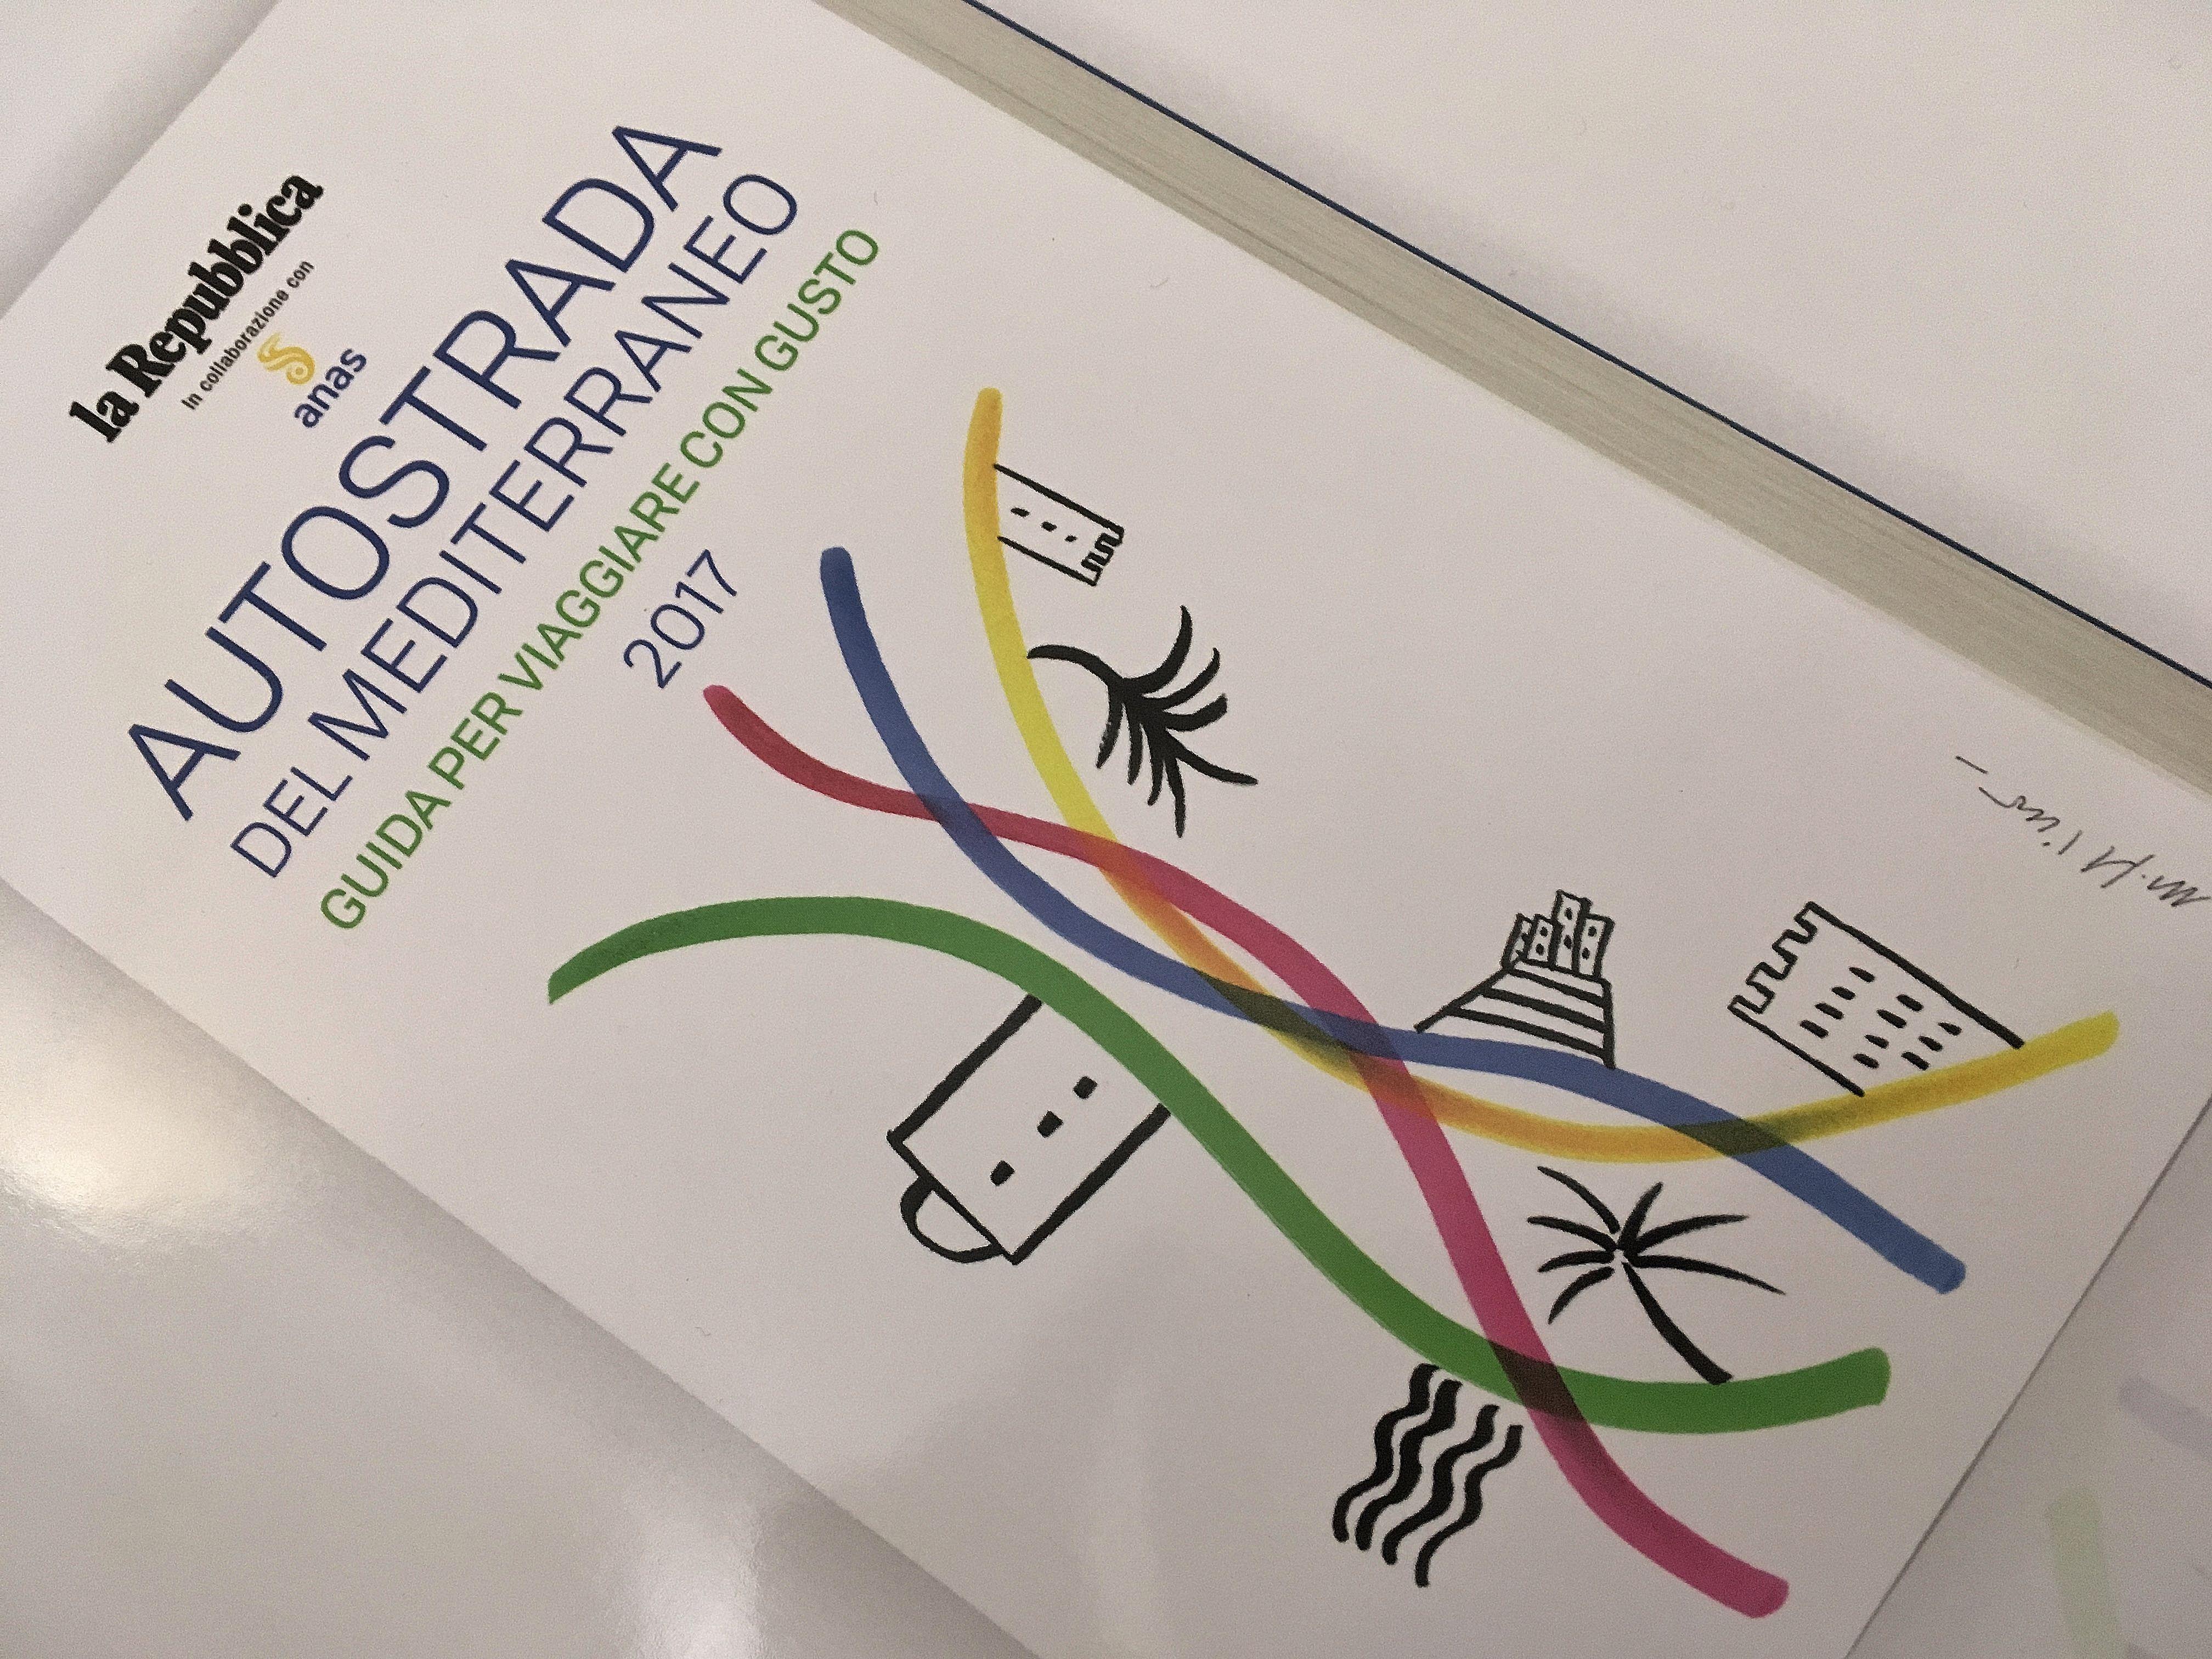 Autostrada del Mediterraneo - Guida per viaggiare con Gusto 2017 - La Repubblica